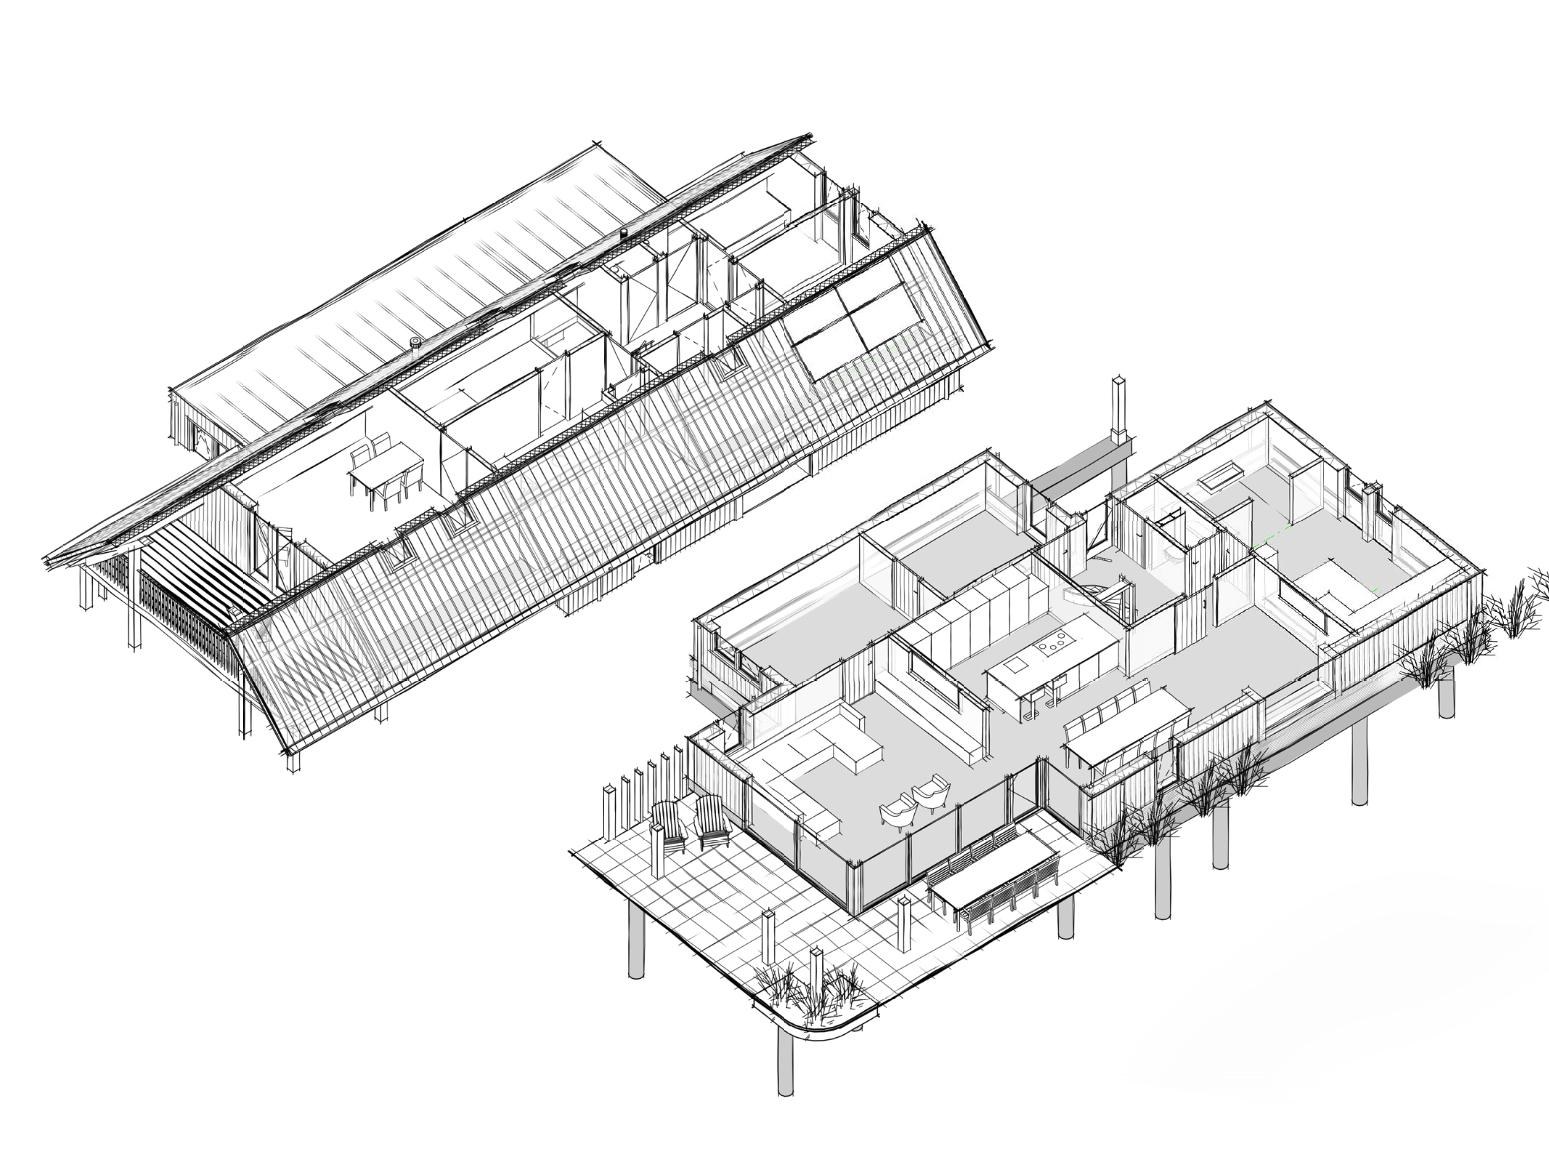 houten-schuurwoning--shuytgraaf-noorder-eiland-arnhem--van-oord-architectuur-wenum-wiesel-apeldoorn-architect-arnhem-architect-3